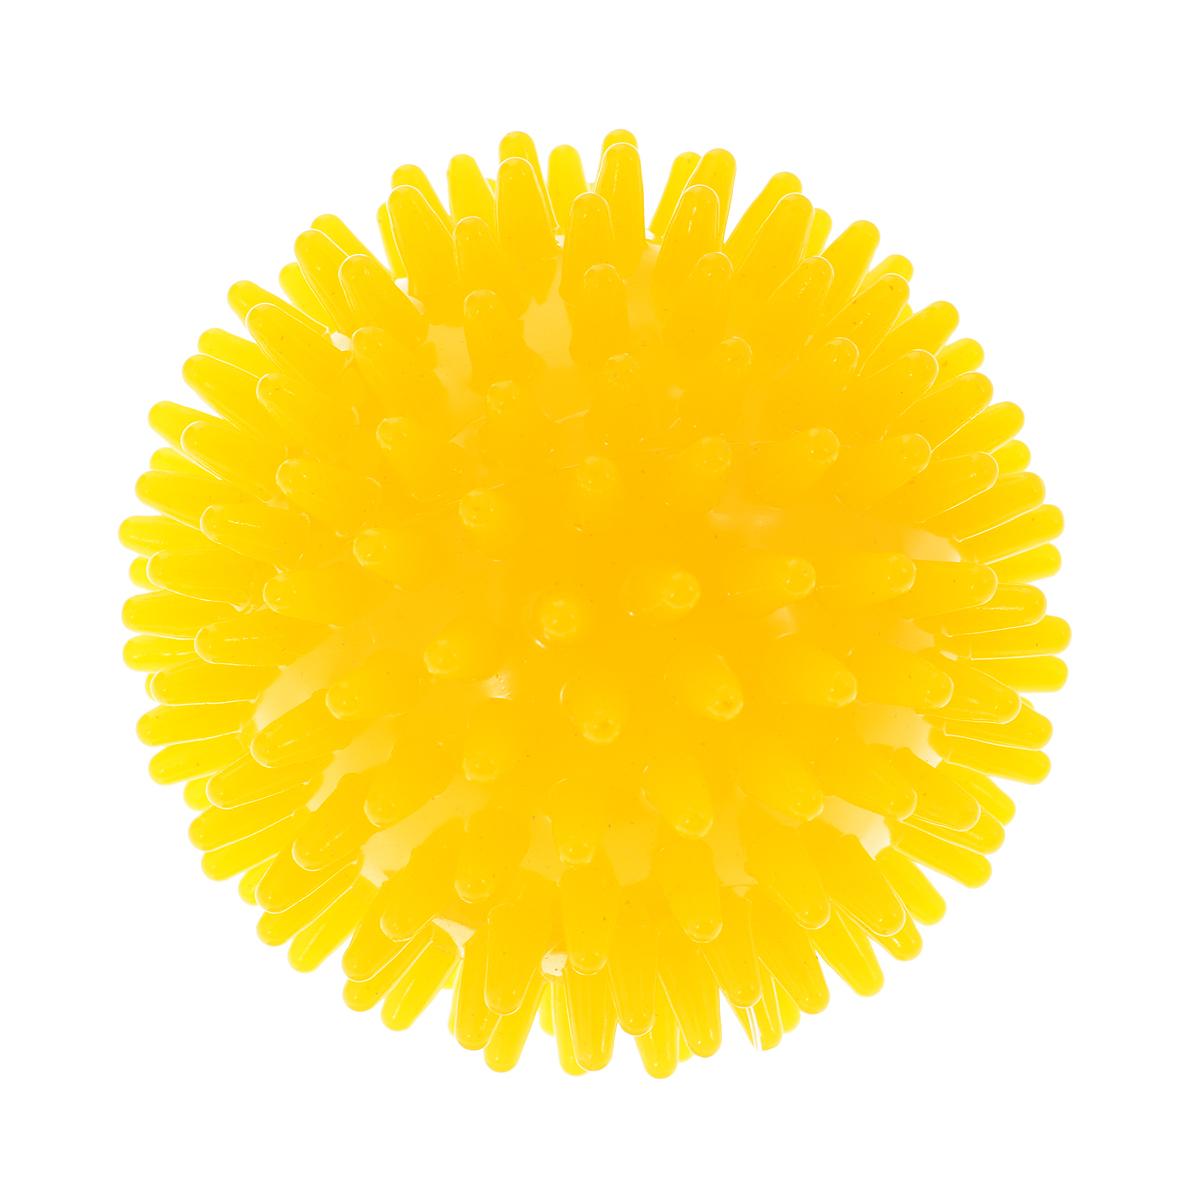 Игрушка для собак V.I.Pet Массажный мяч, цвет: желтый, диаметр 8 смBL11-015-80Игрушка для собак V.I.Pet Массажный мяч, изготовленная из ПВХ, предназначена для массажа и самомассажа рефлексогенных зон. Она имеет мягкие закругленные массажные шипы, эффективно массирующие и не травмирующие кожу. Игрушка не позволит скучать вашему питомцу ни дома, ни на улице.Диаметр: 8 см.